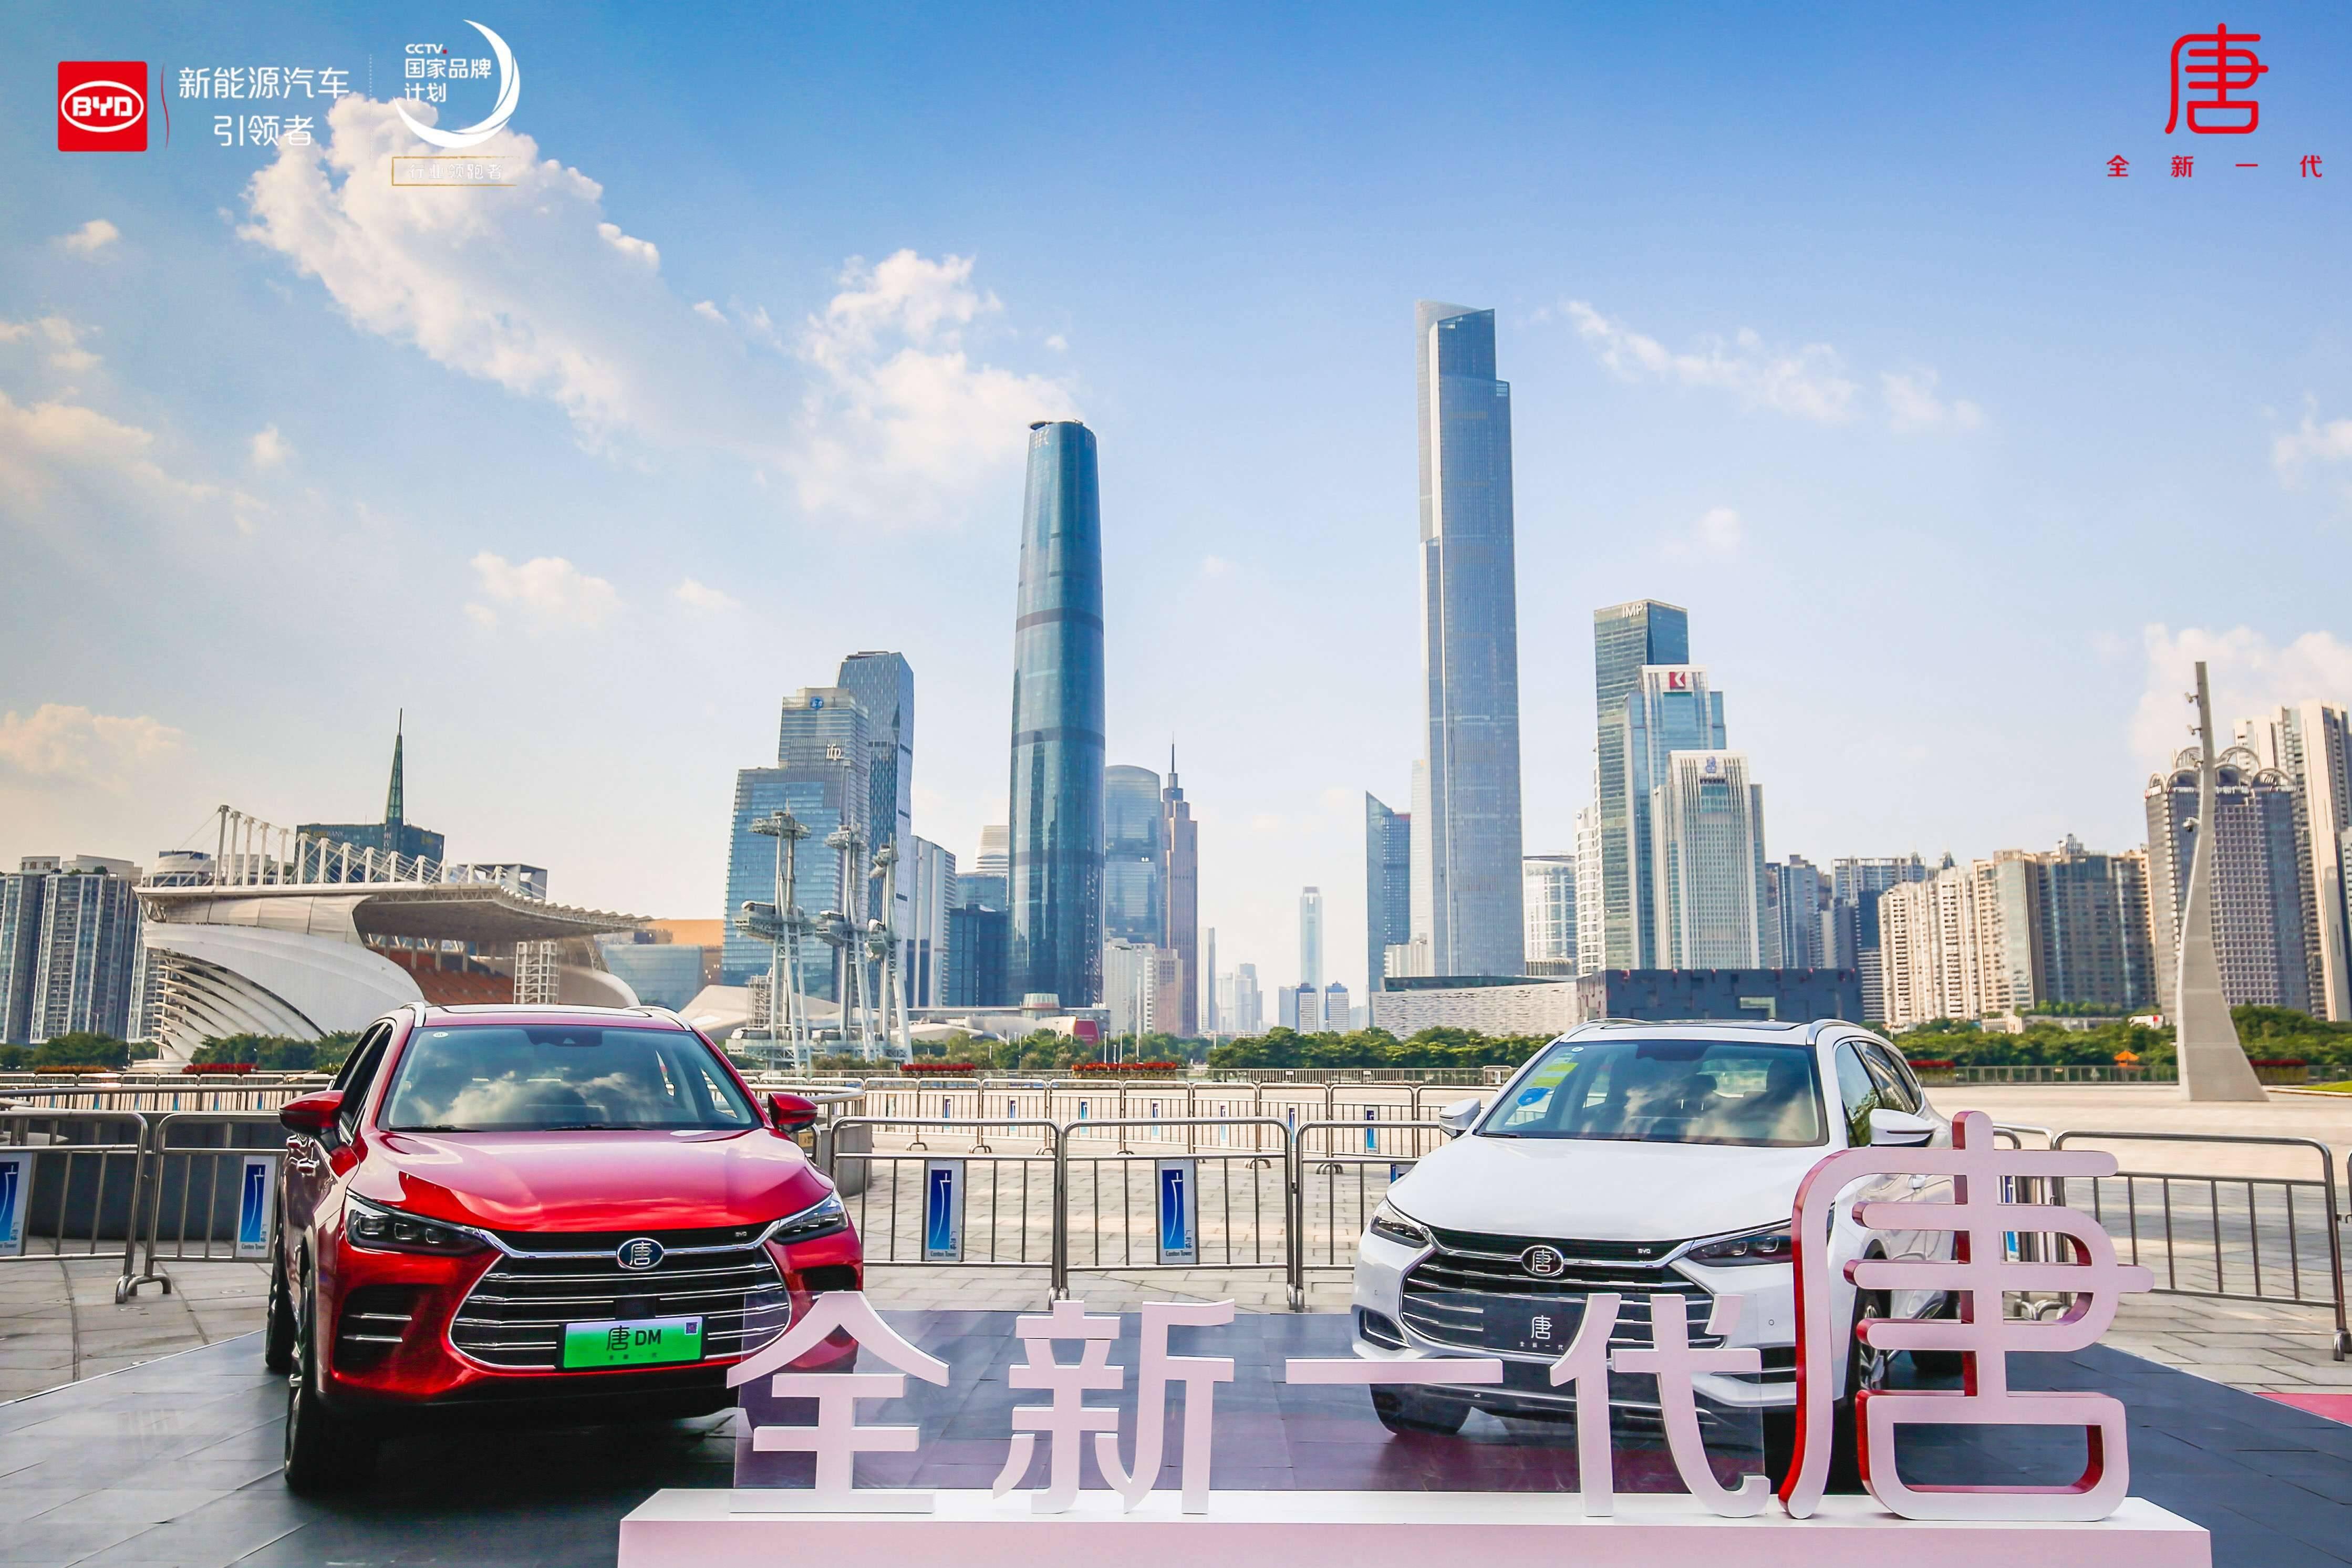 新一代比亚迪唐华南区正式上市  售价12.99万-32.99万元